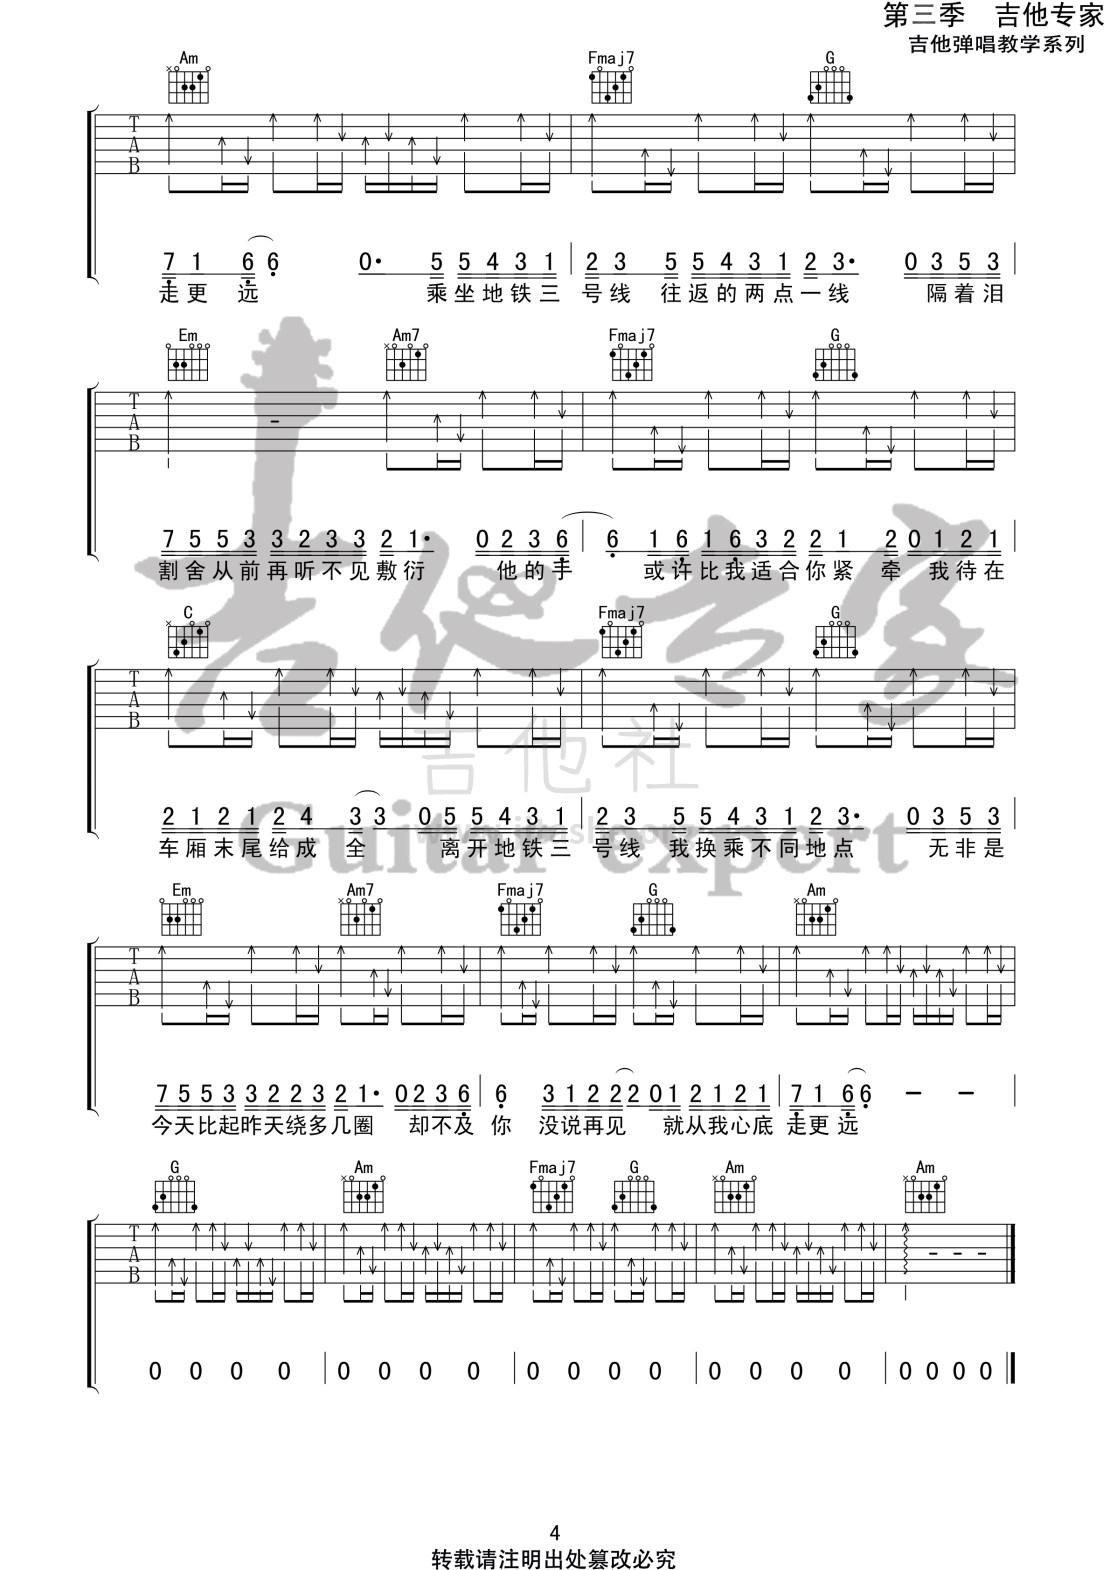 三号线 (音艺吉他专家弹唱教学:第三季第13集)吉他谱(图片谱)_刘大壮_三号线4 第三季第十三集.jpg